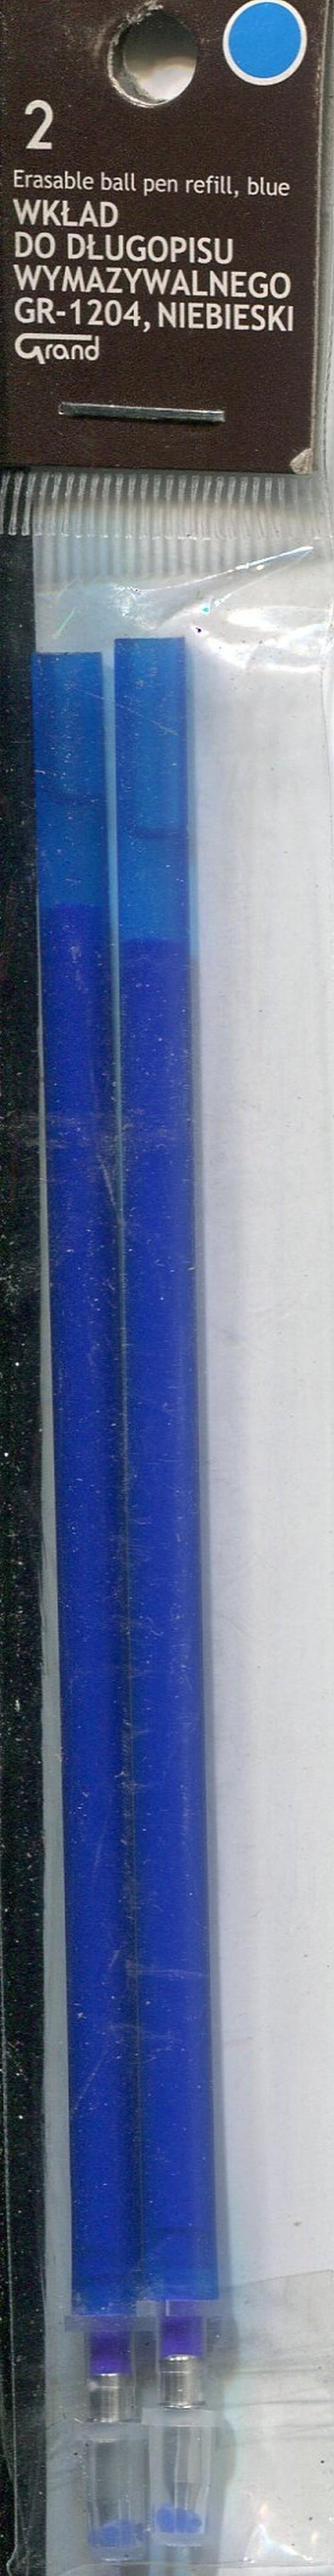 Wkład do długopisu wymazywalnego - niebieski (160-2045)